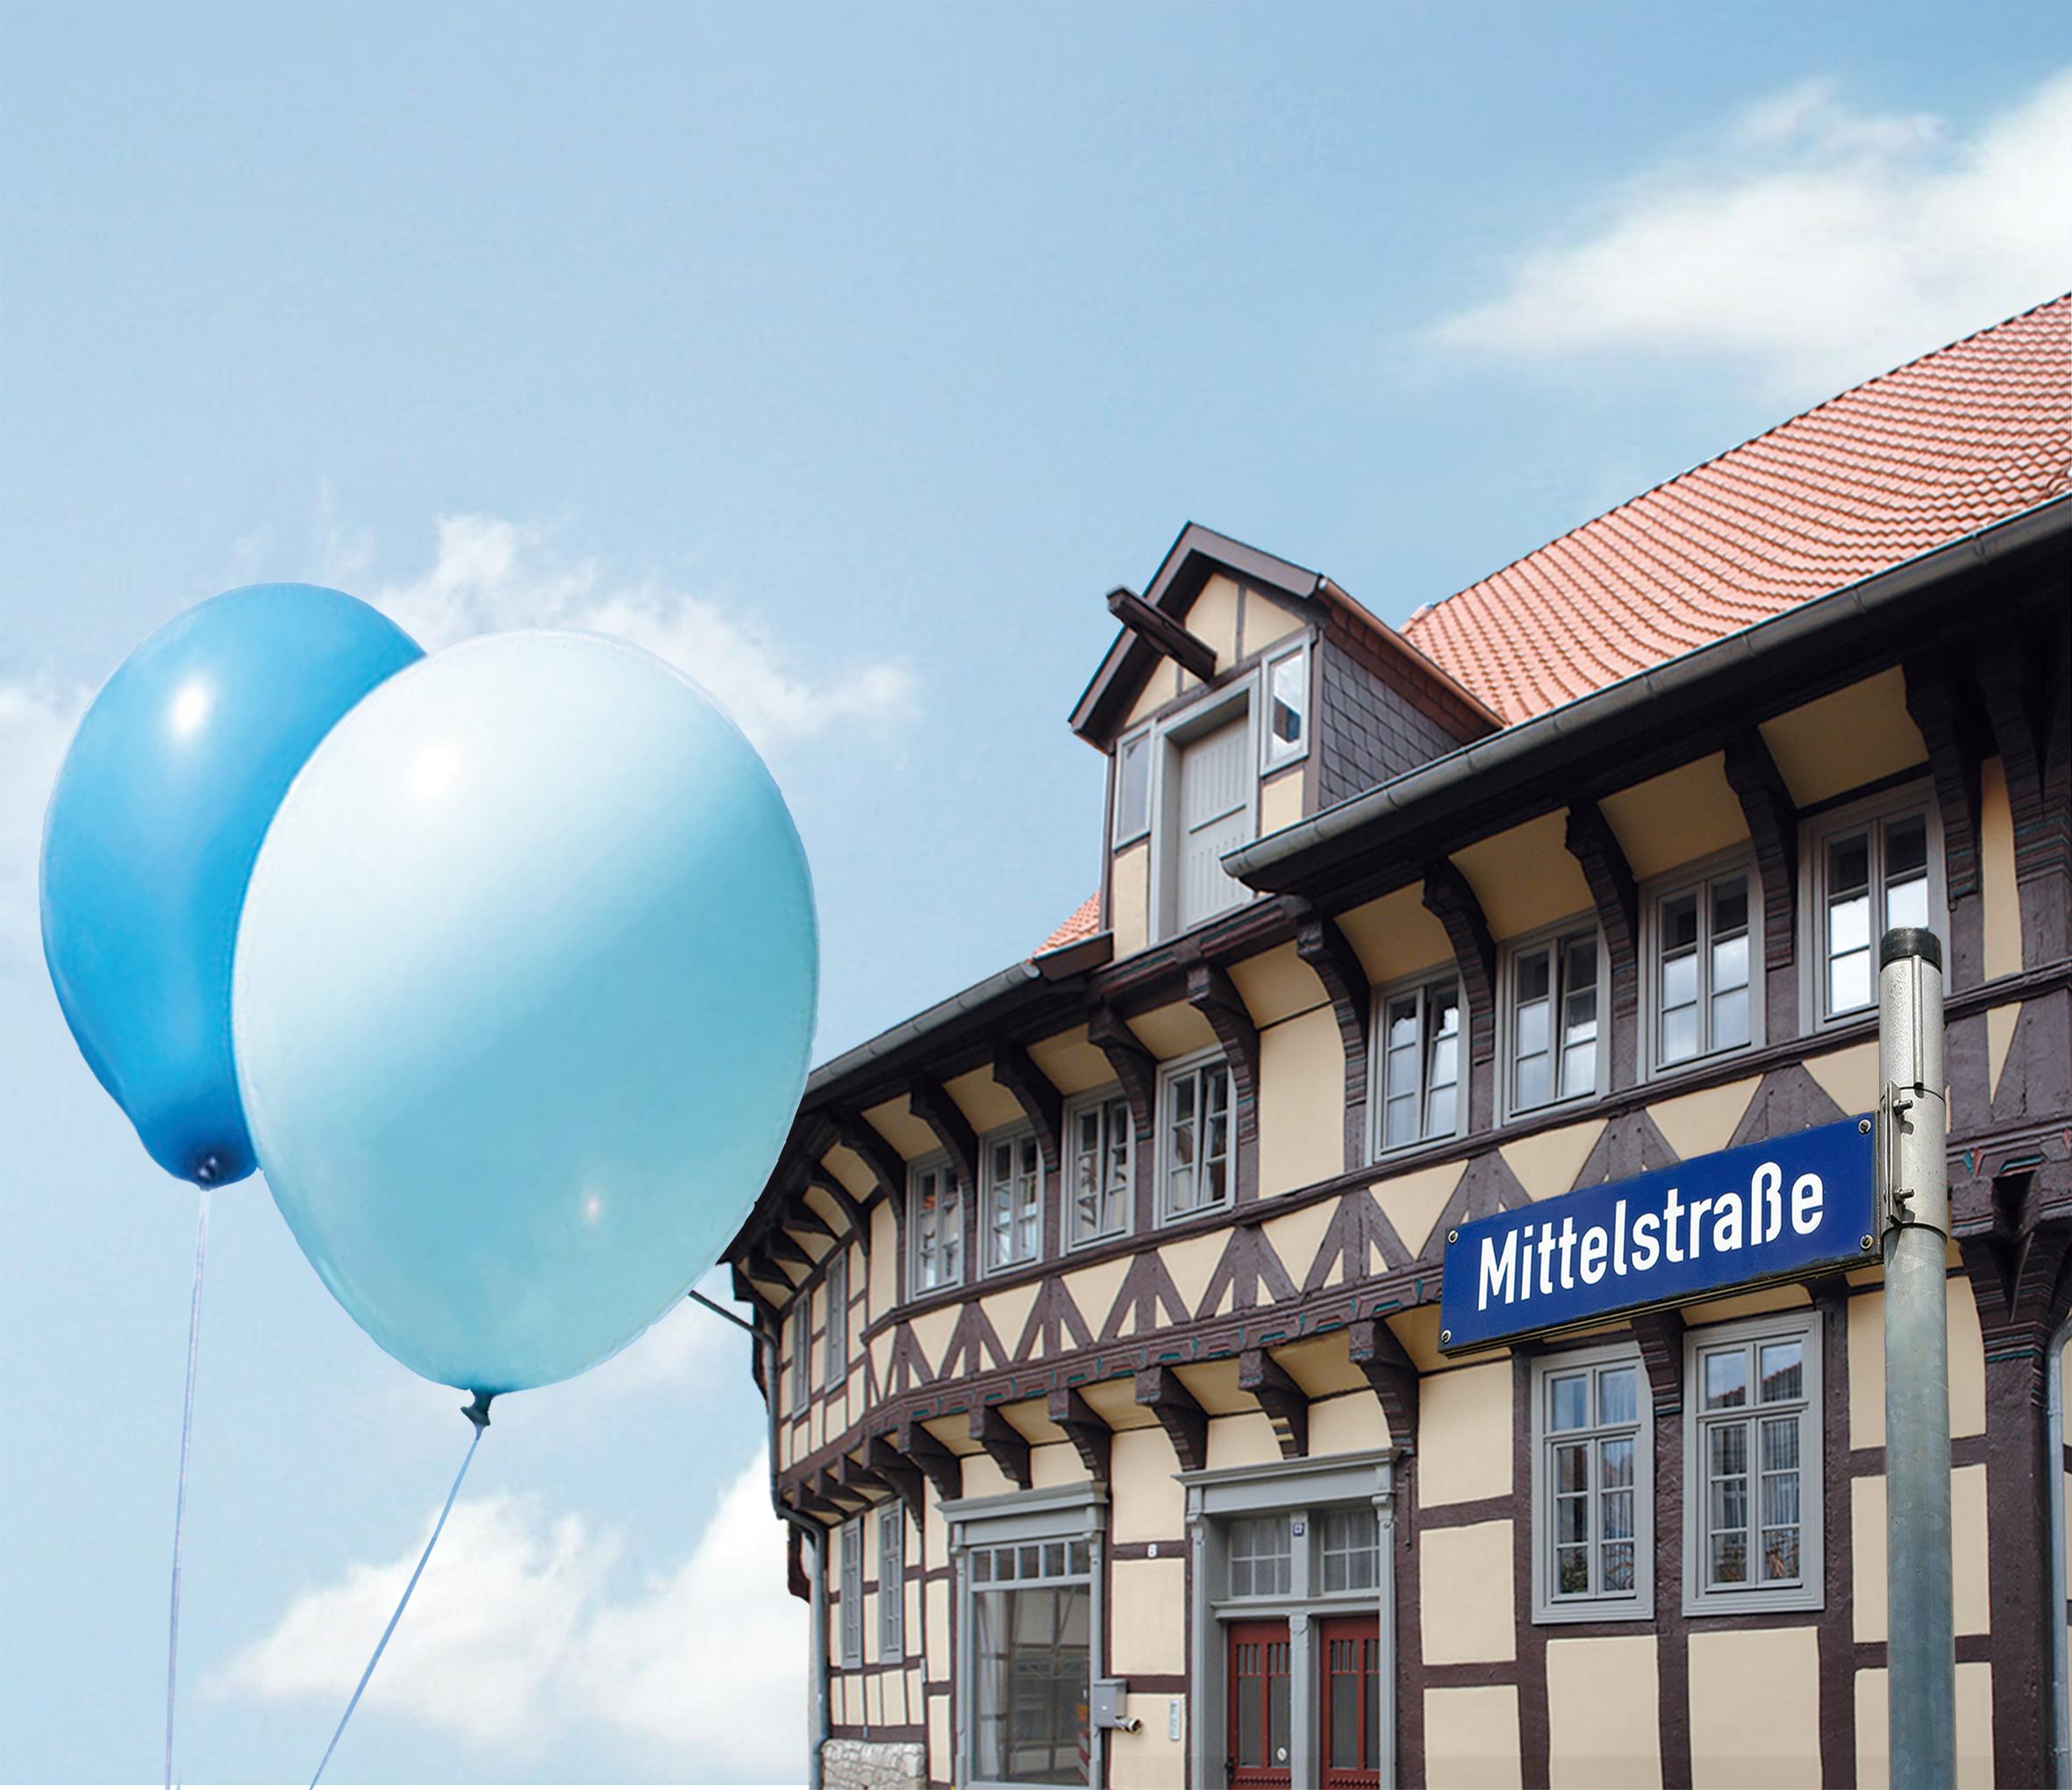 Mittelstraßenfest Osterwieck